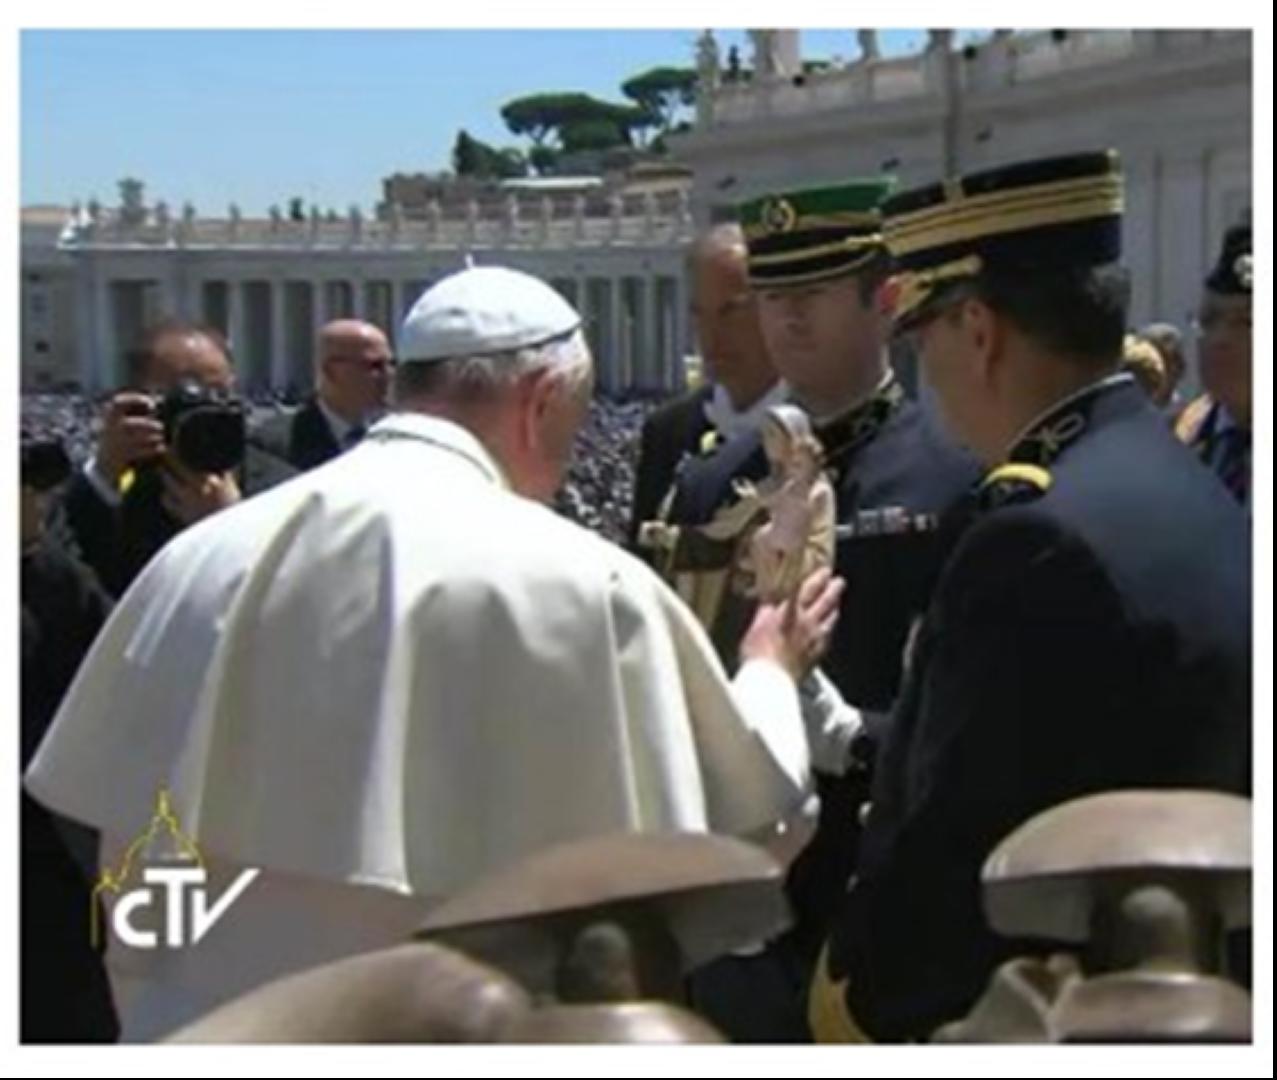 Em Roma_Papa Francisco abenco a Padroeira da GNR_Nossa Senhora do Carmo